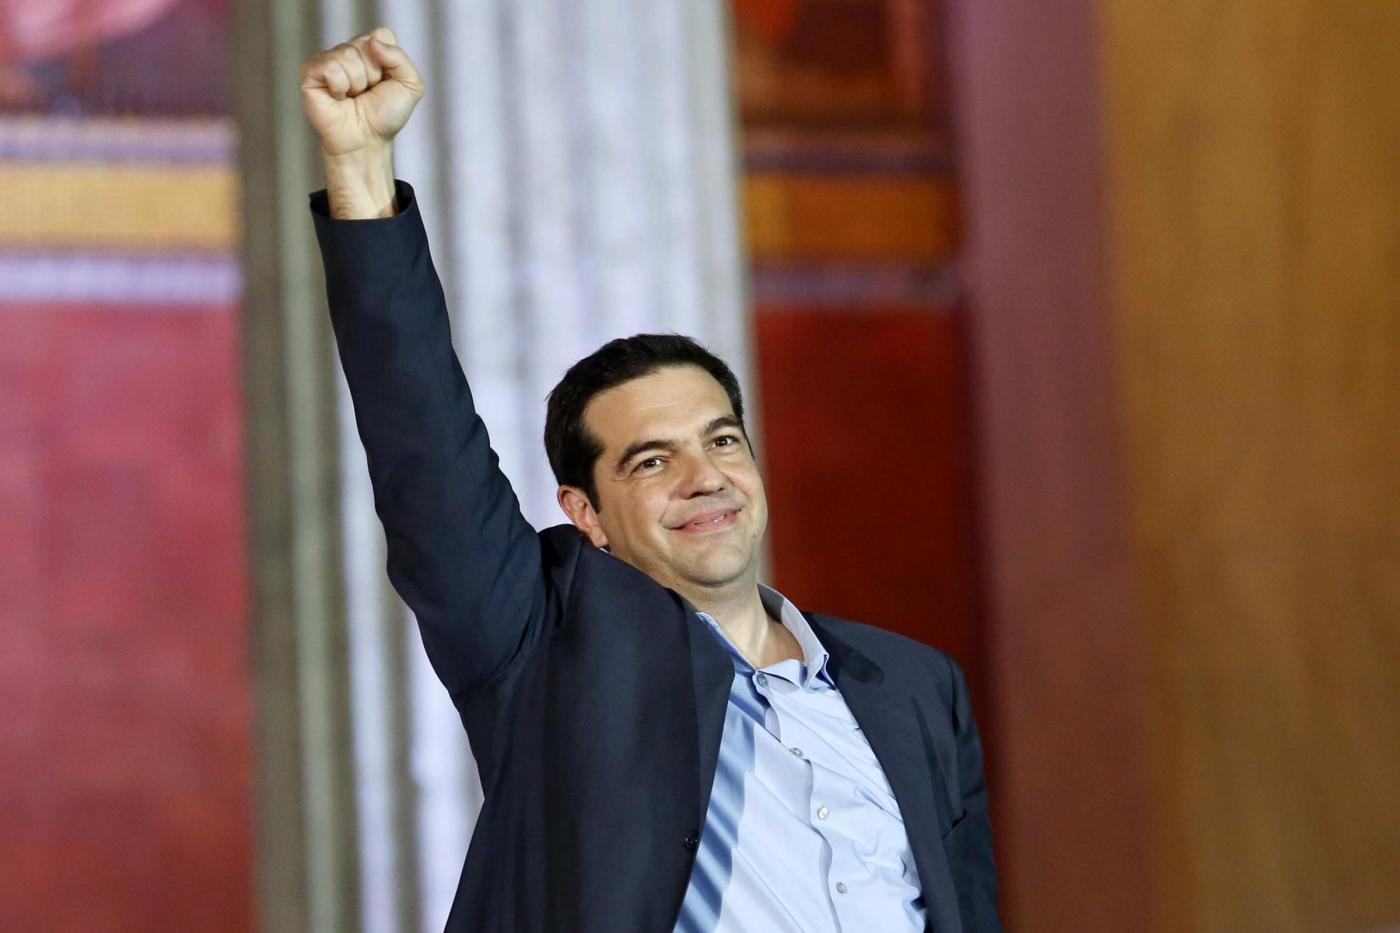 Chi è Alexis Tsipras, il leader che vuole cambiare la Grecia?